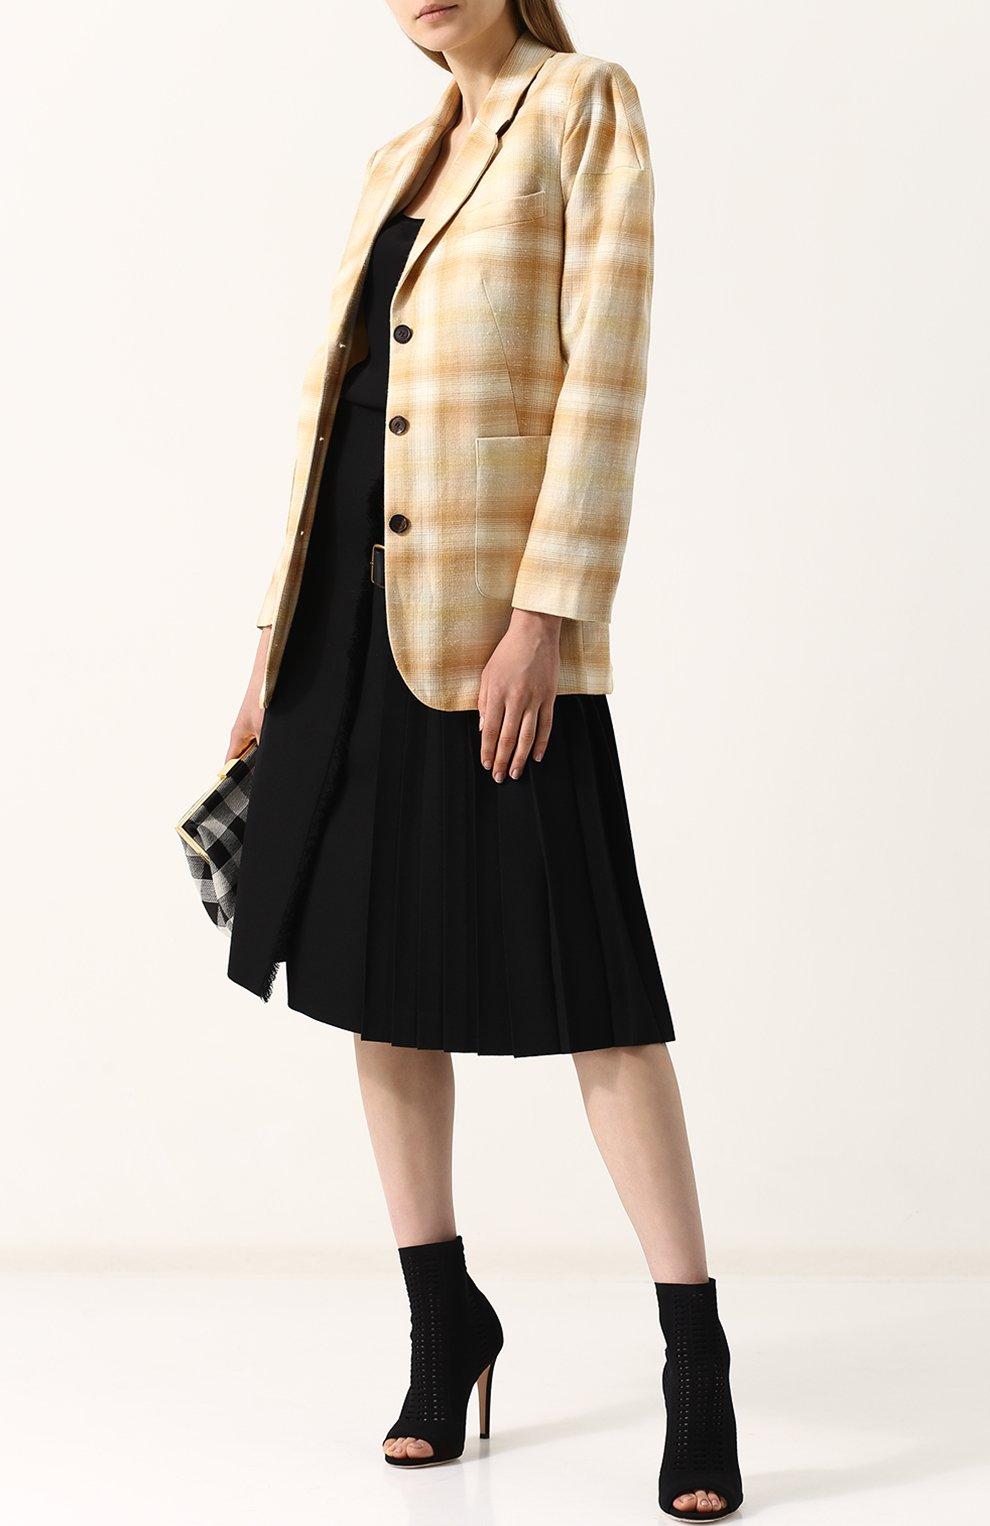 Жакет с накладными карманами из смеси шерсти и льна с шелком Aalto бежевый   Фото №2